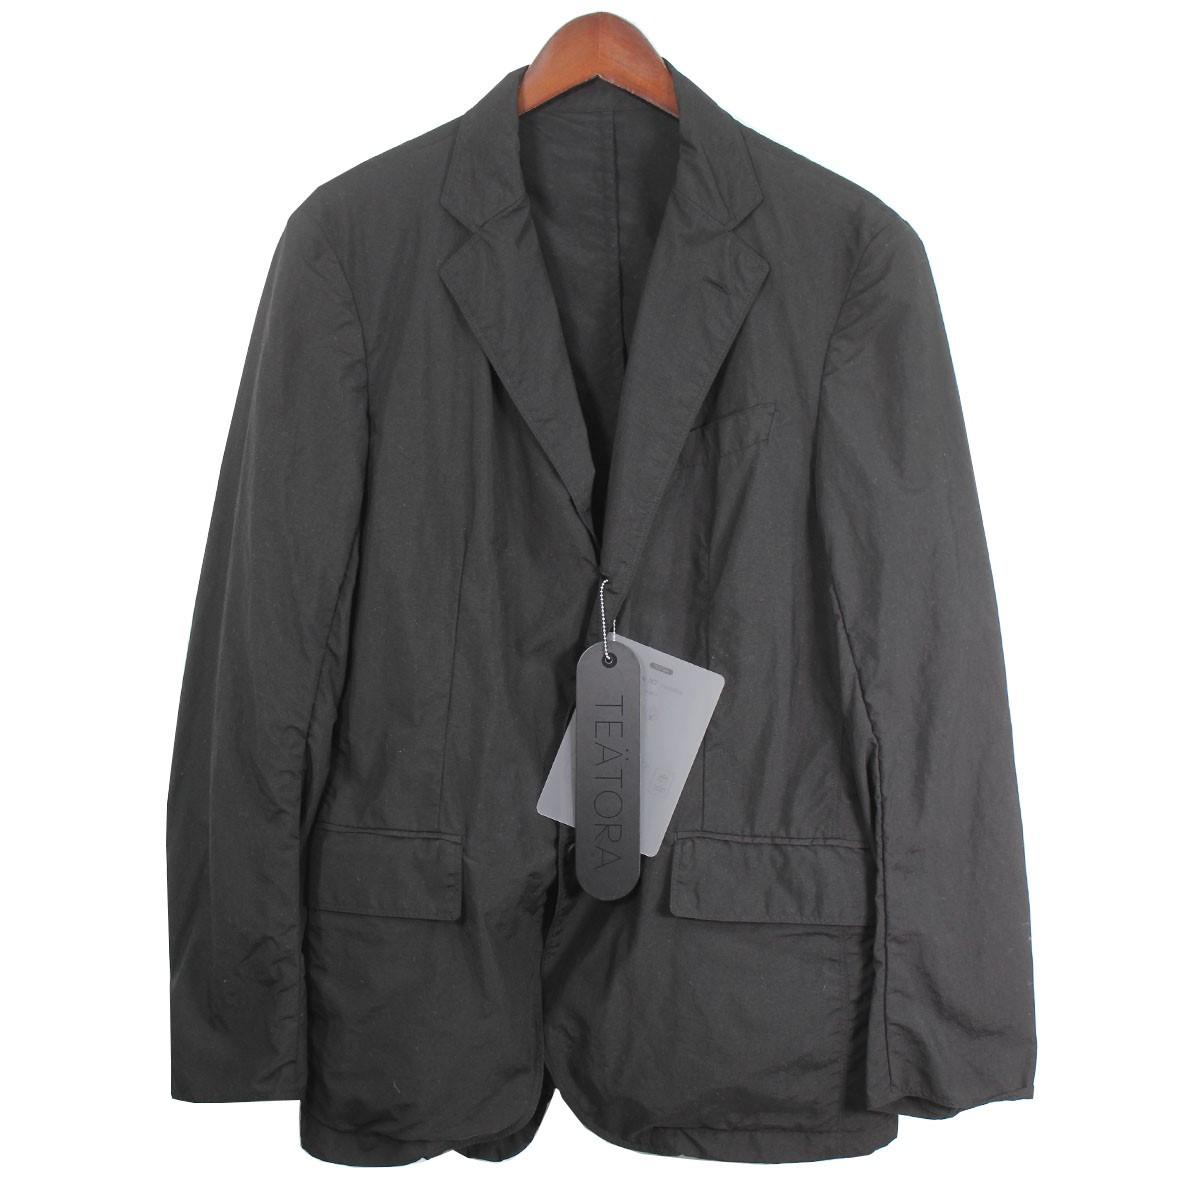 【中古】TEATORA Device Jacket P ディバイスジャケット ブラック サイズ:1 【150420】(テアトラ)